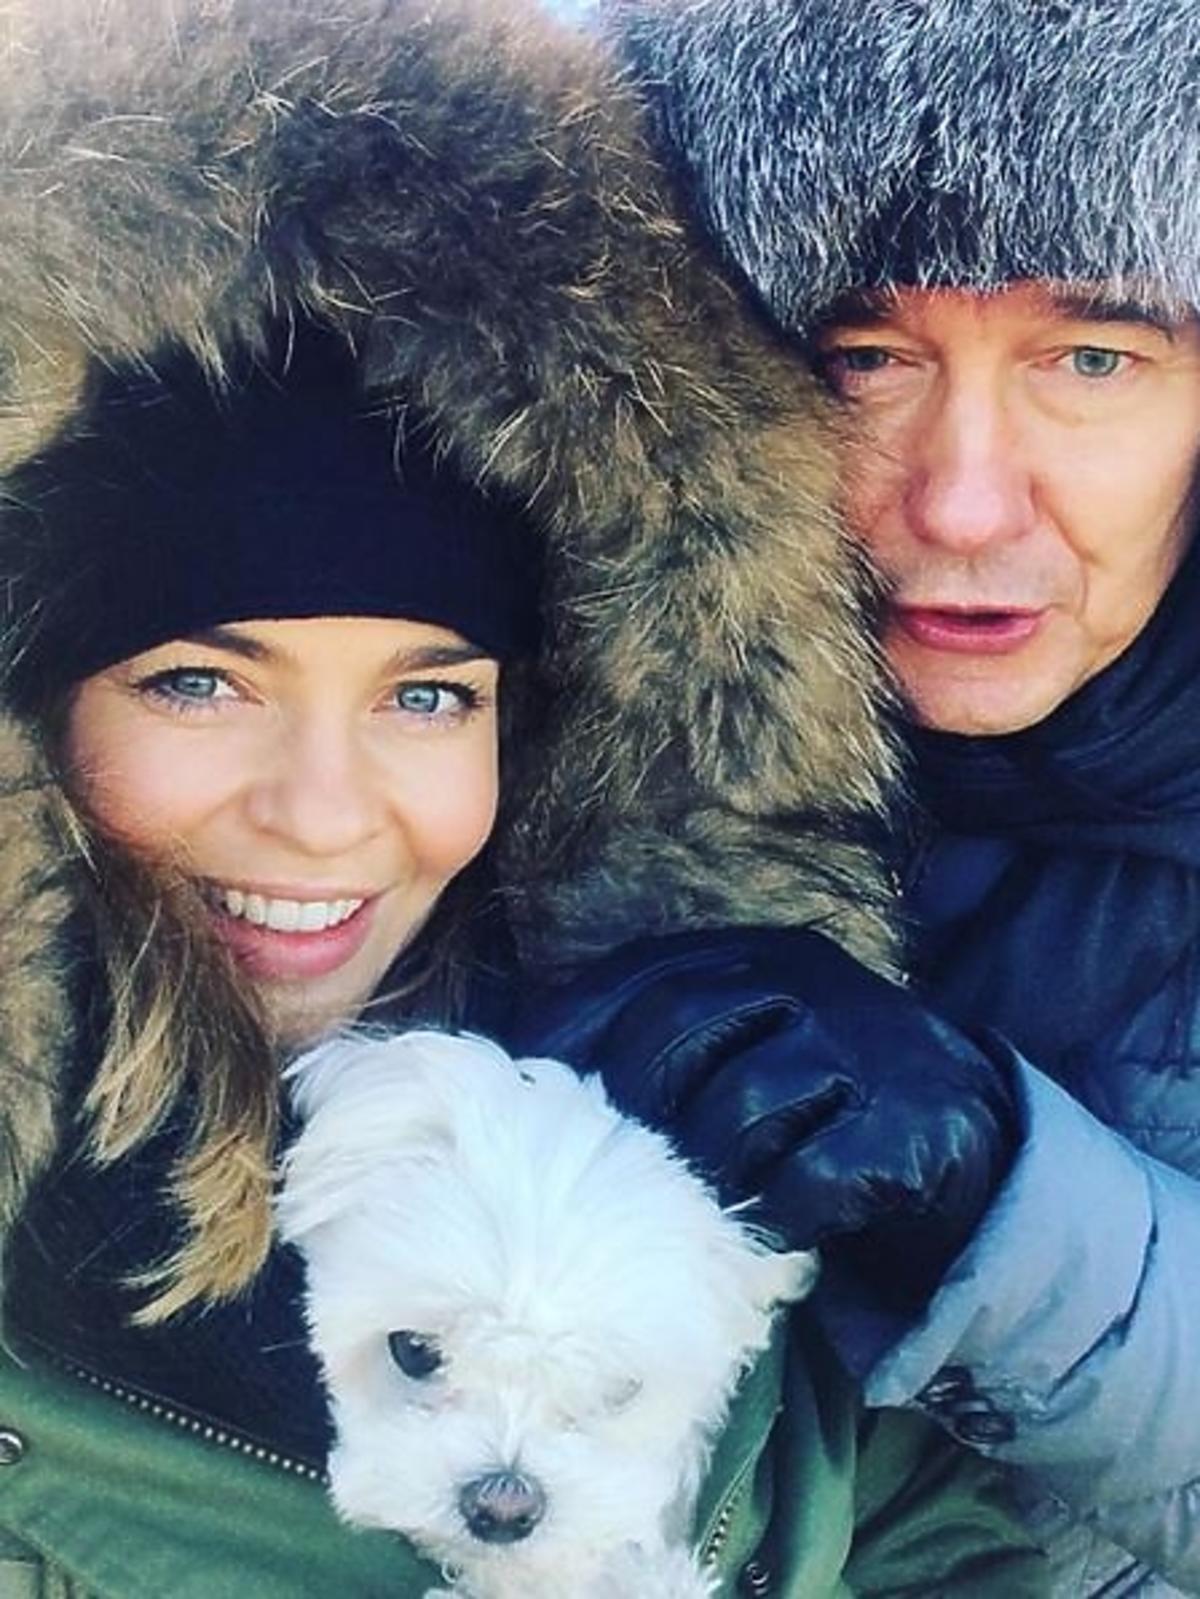 Edyta Herbuś, Mariusz Treliński na zimowym spacerze w Nowy Rok 2016